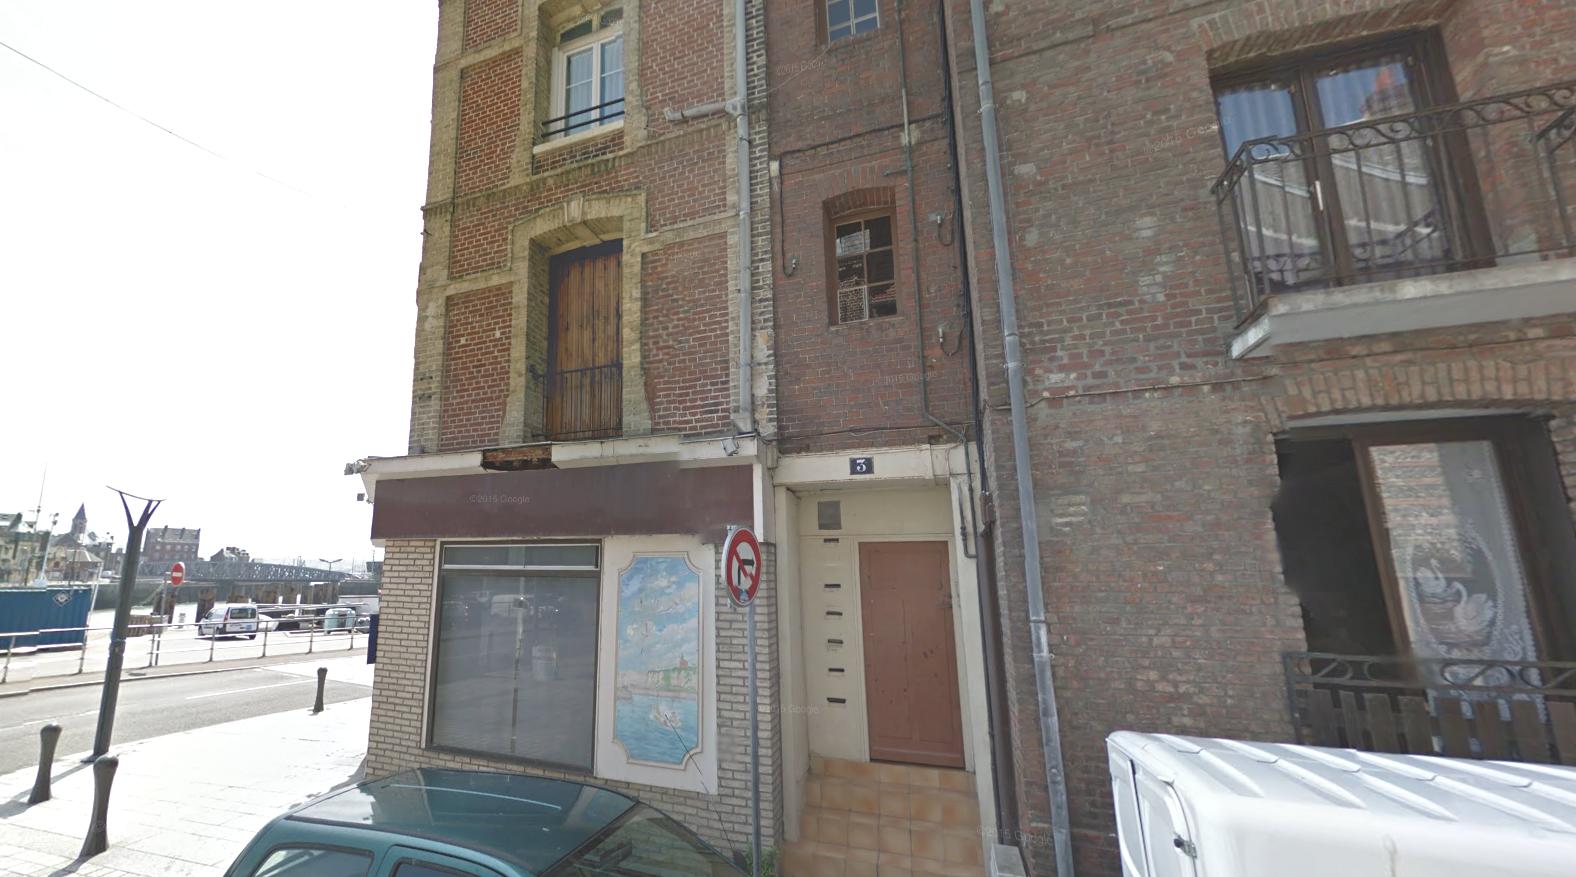 Le corps du quadragénaire tué par balle a été découvert dans cet immeuble situé 3 rue du Rade, dans le centre-ville de Dieppe